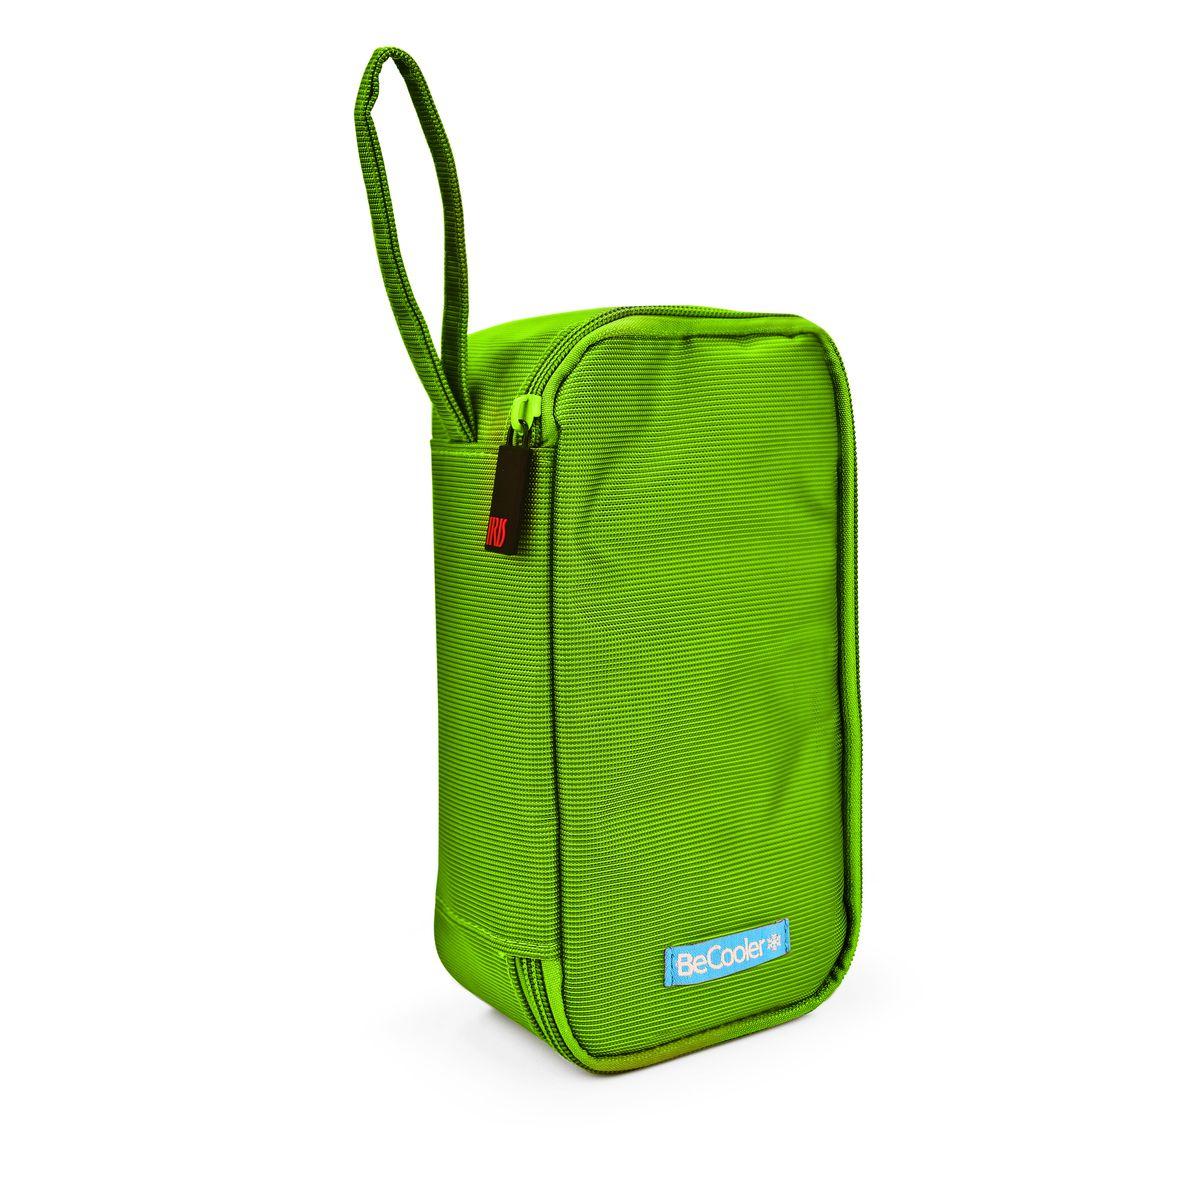 Термосумка для ланч-бокса Iris Nano Cooler. MyLunchbag, цвет: зеленый,21 x 11 x 7 смI9699-TXТермосумка для ланч-бокса Nano Cooler. MyLunchbag отлично сохраняет свежесть и вкус продукта на несколько часов. Она выполнена из полиэстера.Пригодится везде: на прогулке, на работе, учебе и т.д. Она проста в использовании, с ней легко справится даже ребенок.Рекомендуется регулярно стирать вручную в теплой воде с мылом.